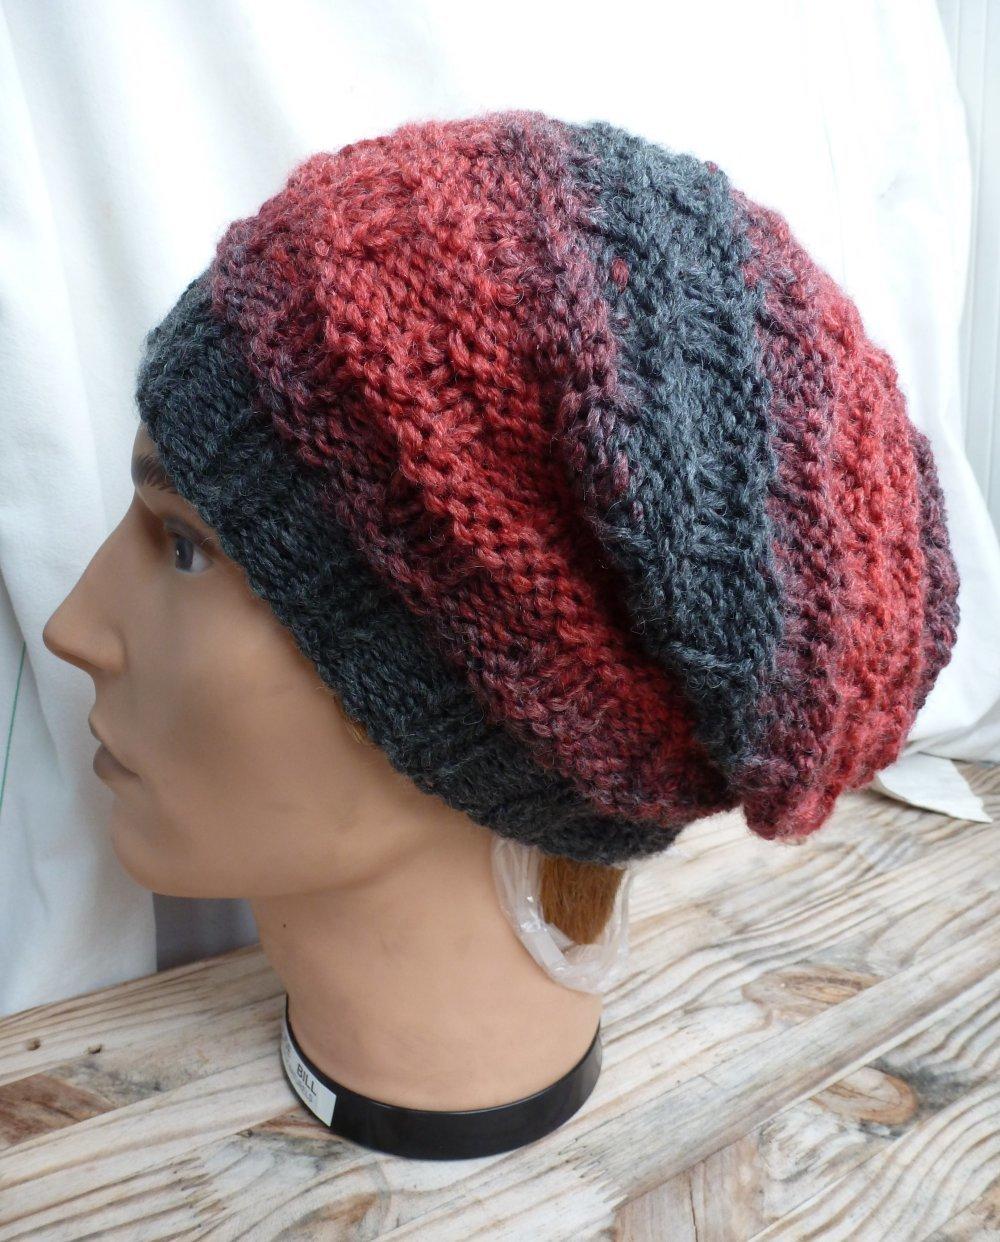 bonnet mixte chaud et ravissant à porter slouchy ou  classique avec revers , un mélange de coloris anthracite et brique  pour ce  bonnet